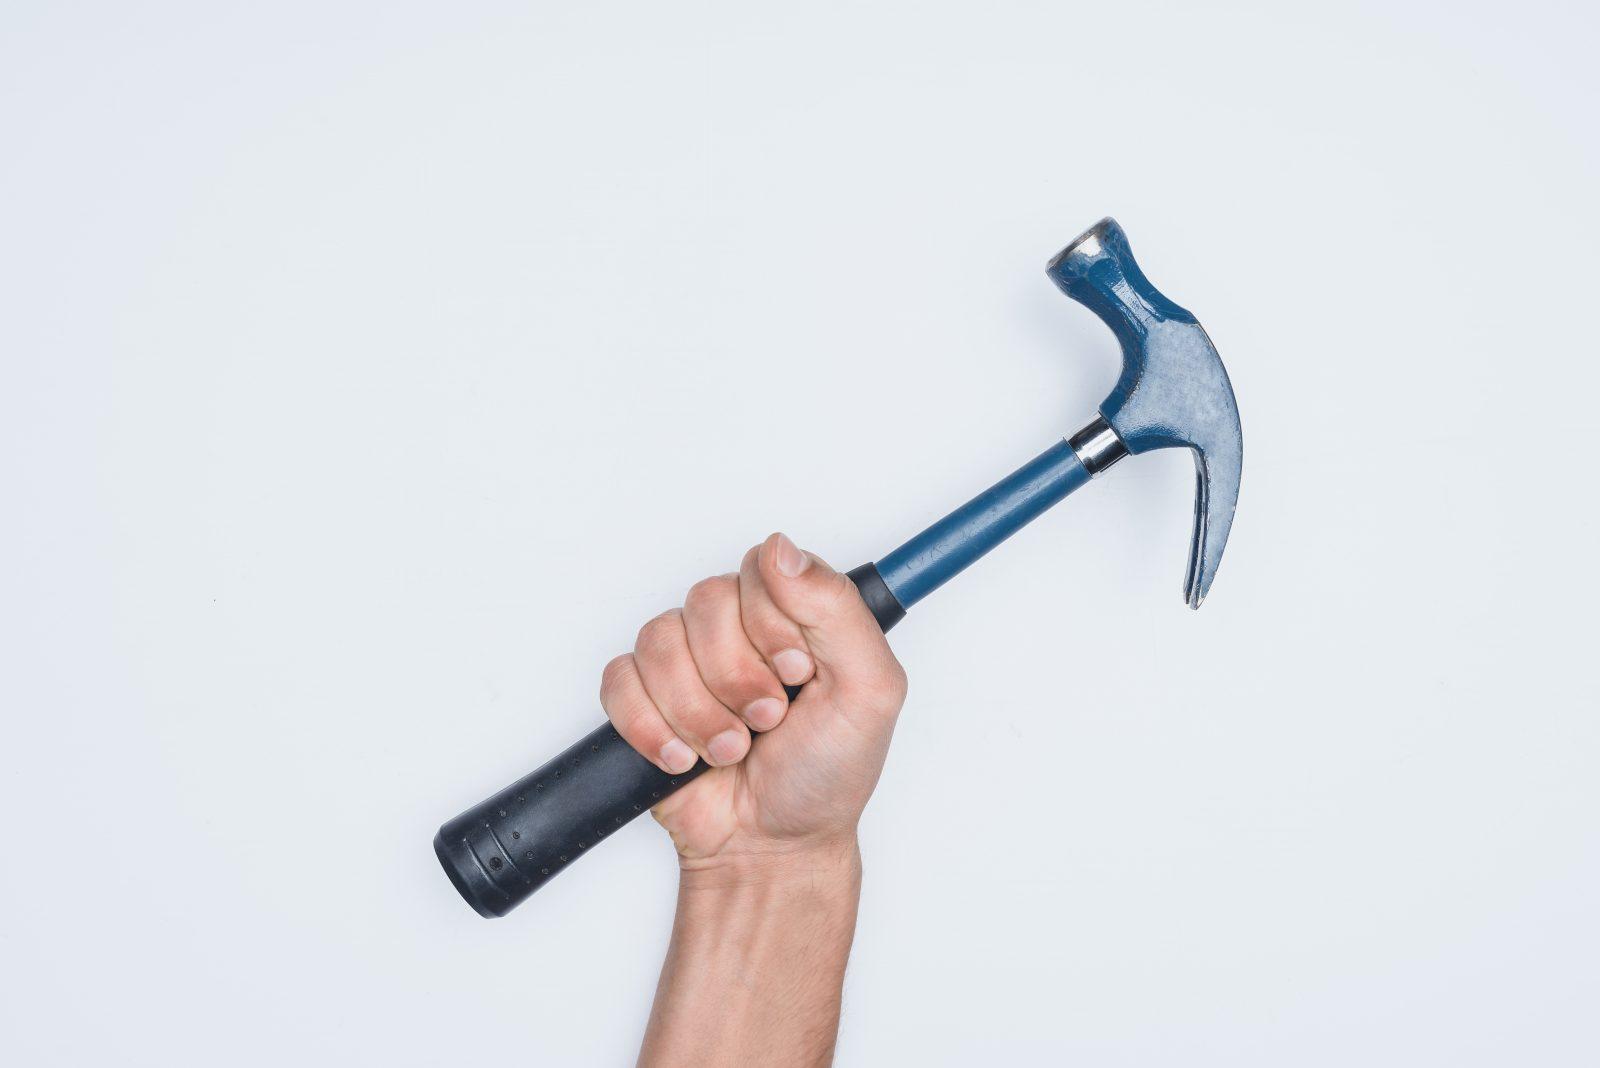 Il s'en prend à son propriétaire avec un marteau